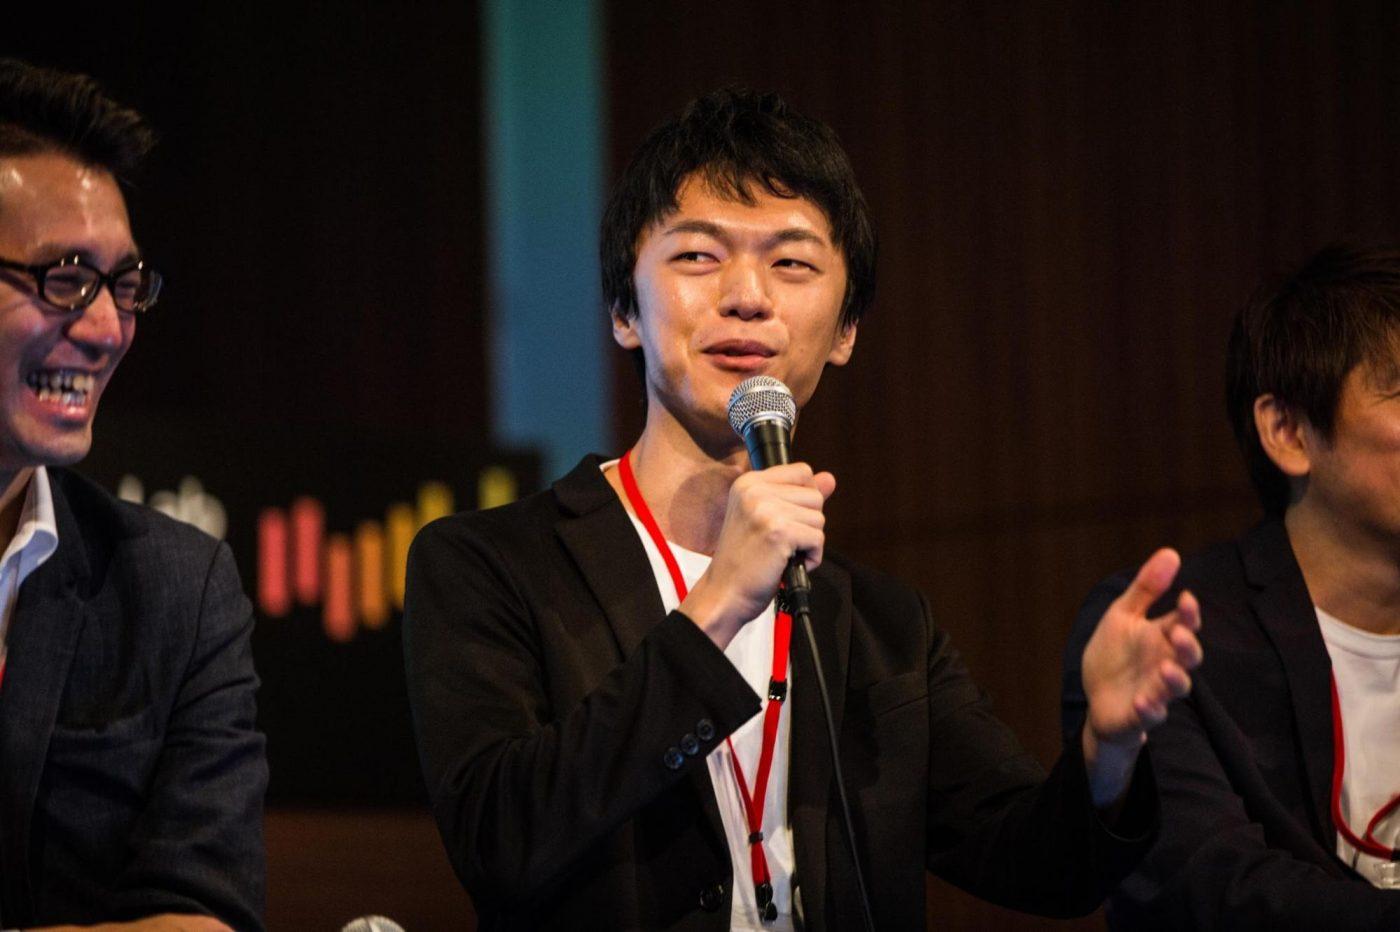 ■石井大地(いしい・だいち) ー株式会社グラファー 代表取締役 CEO